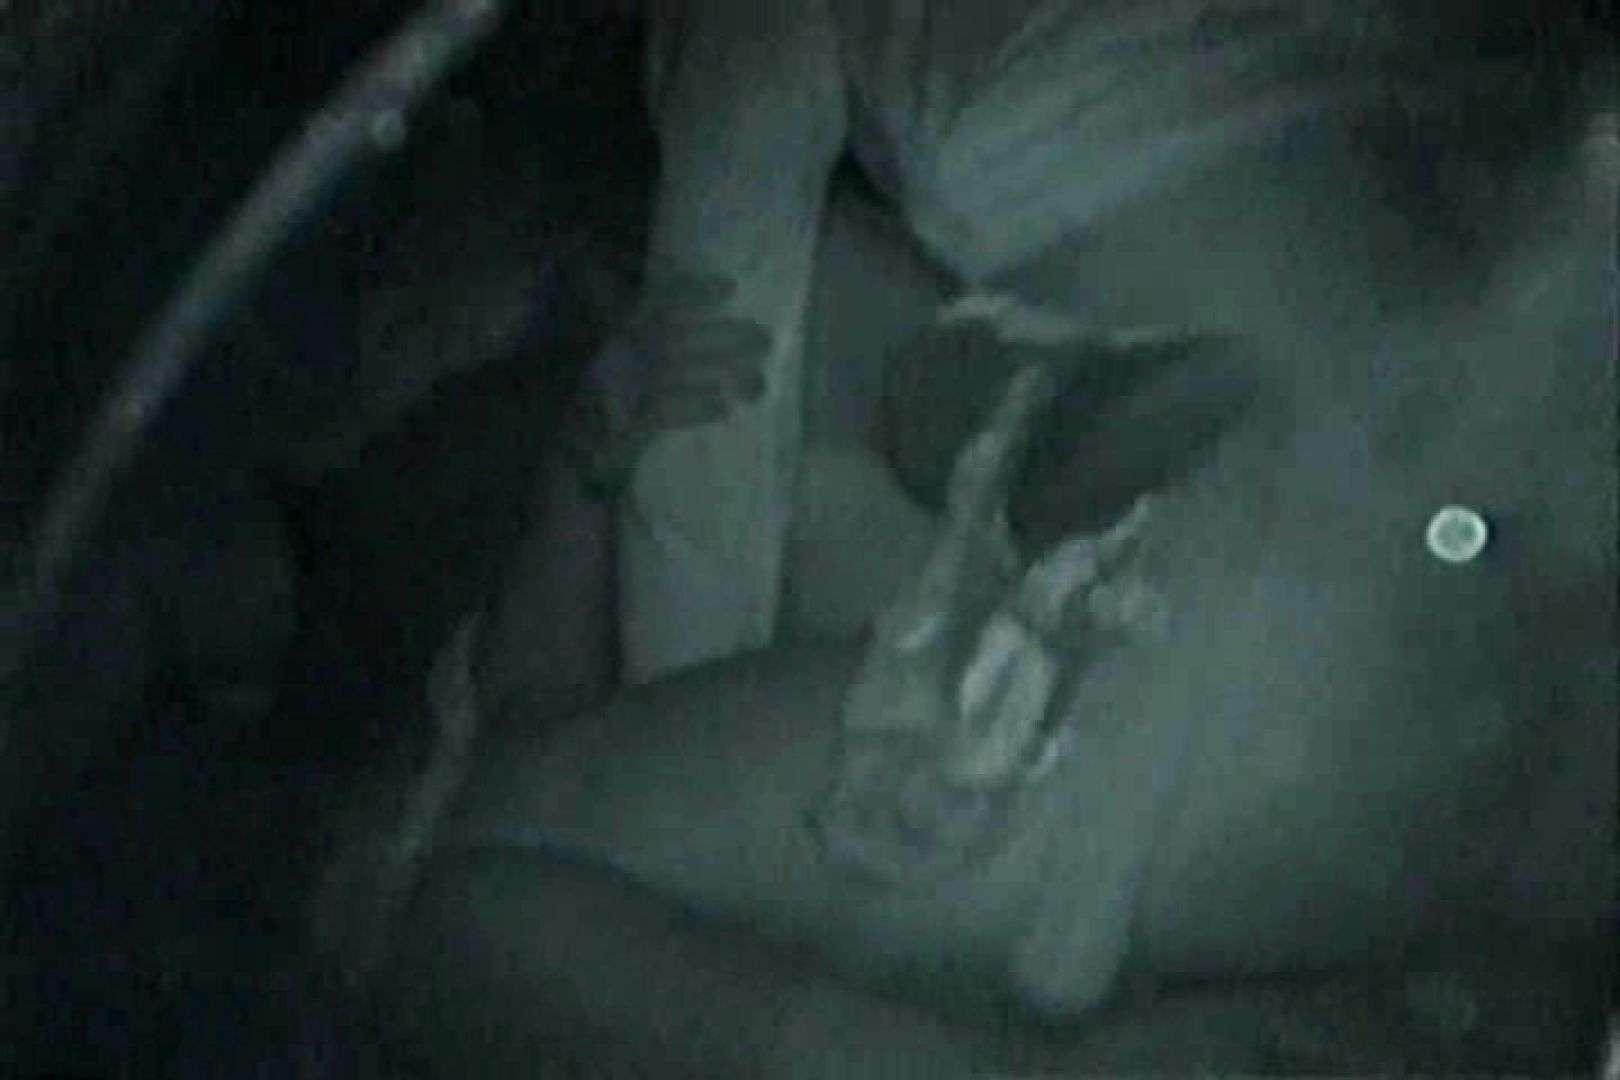 充血監督の深夜の運動会Vol.124 OLヌード天国 | カップルのセックス  52PIX 31